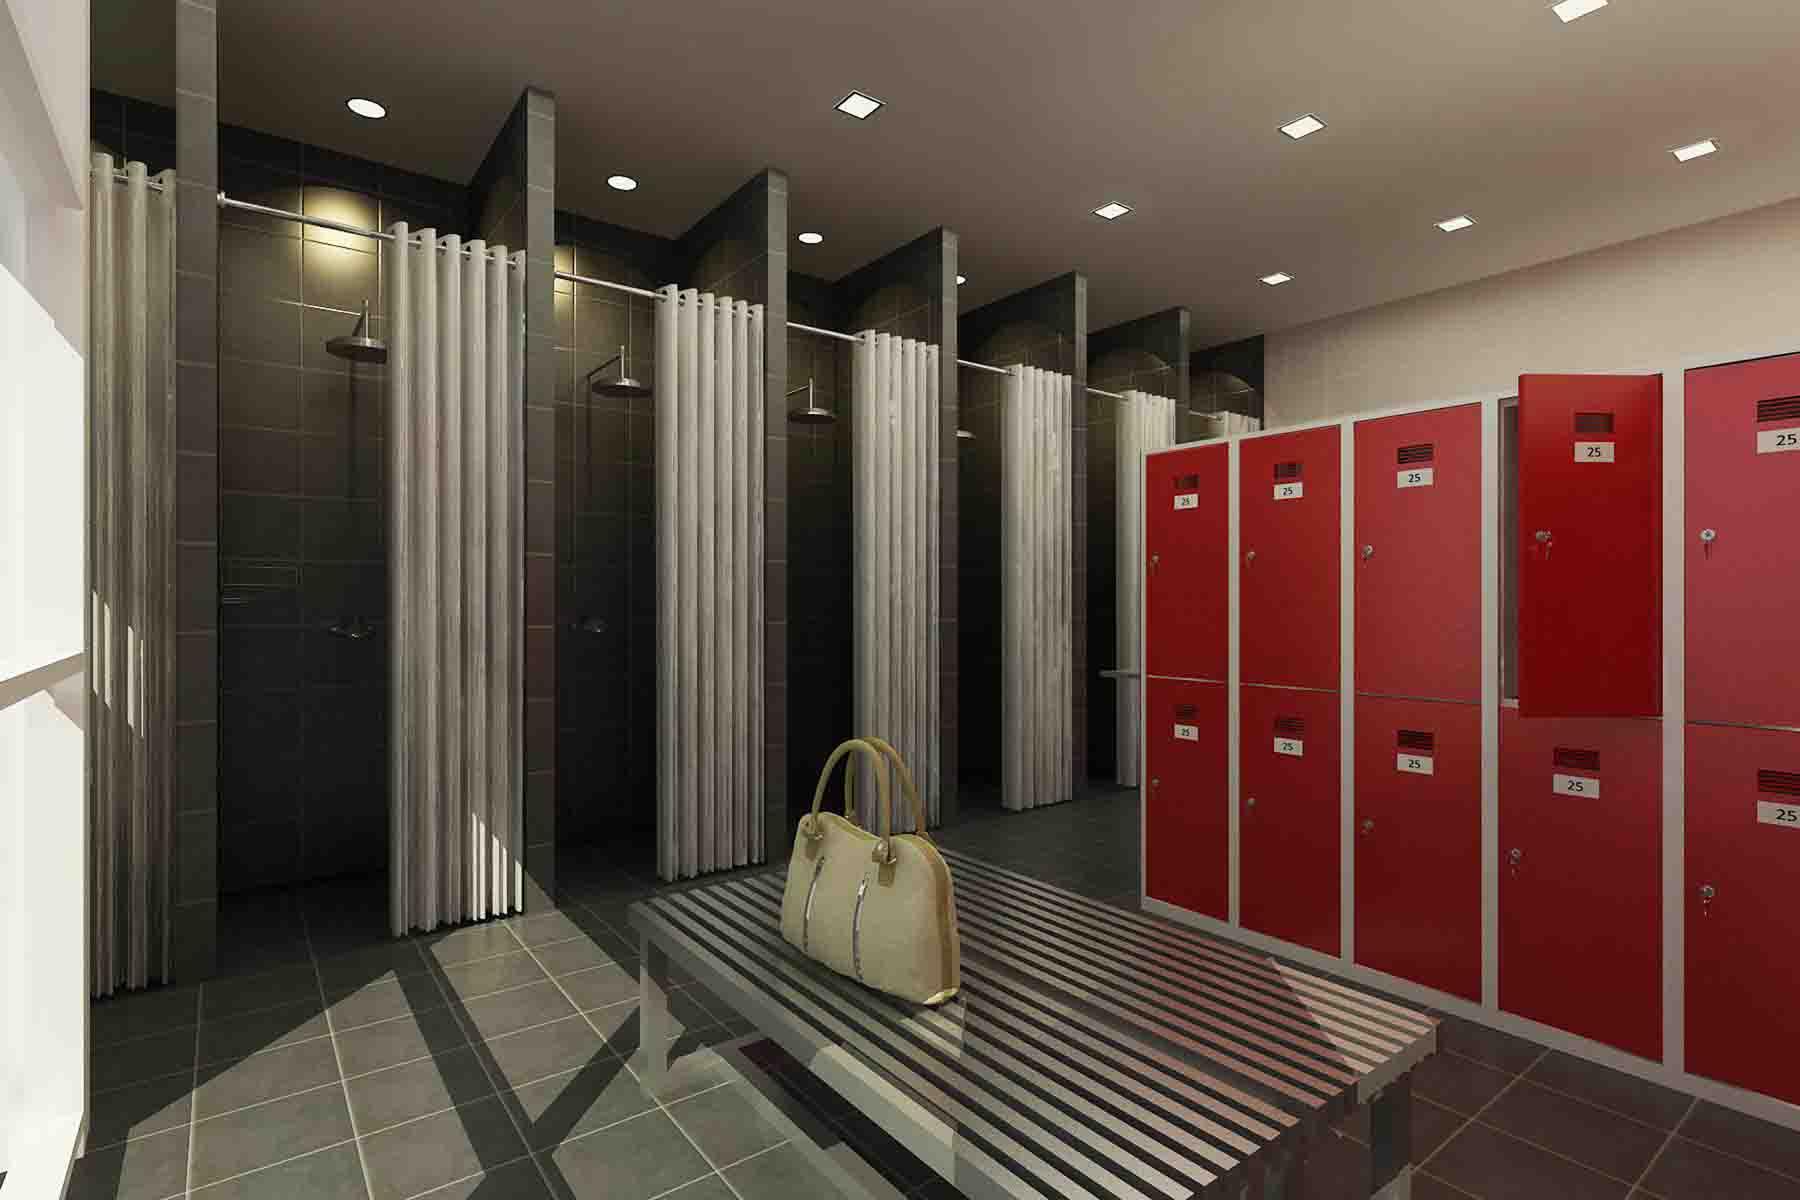 Mdc School Design Surabaya By Fesia Prawirya At